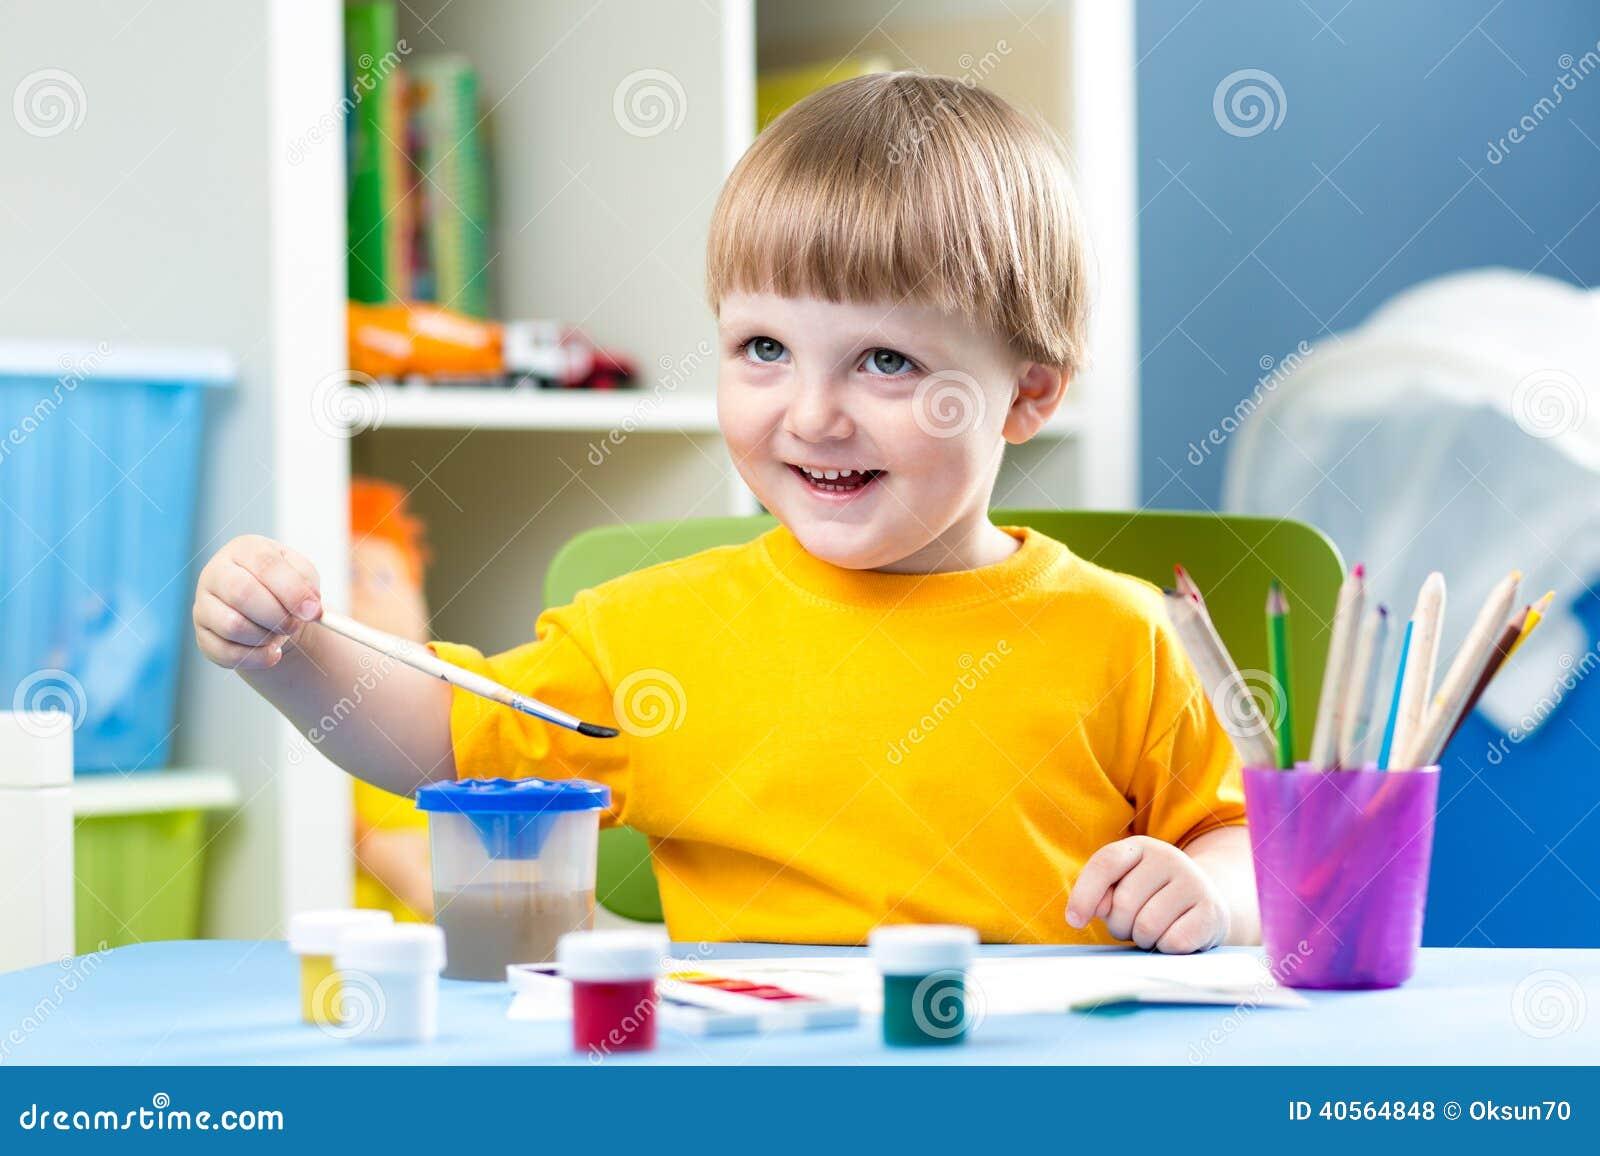 哄骗男孩绘画在桌上在儿童居室